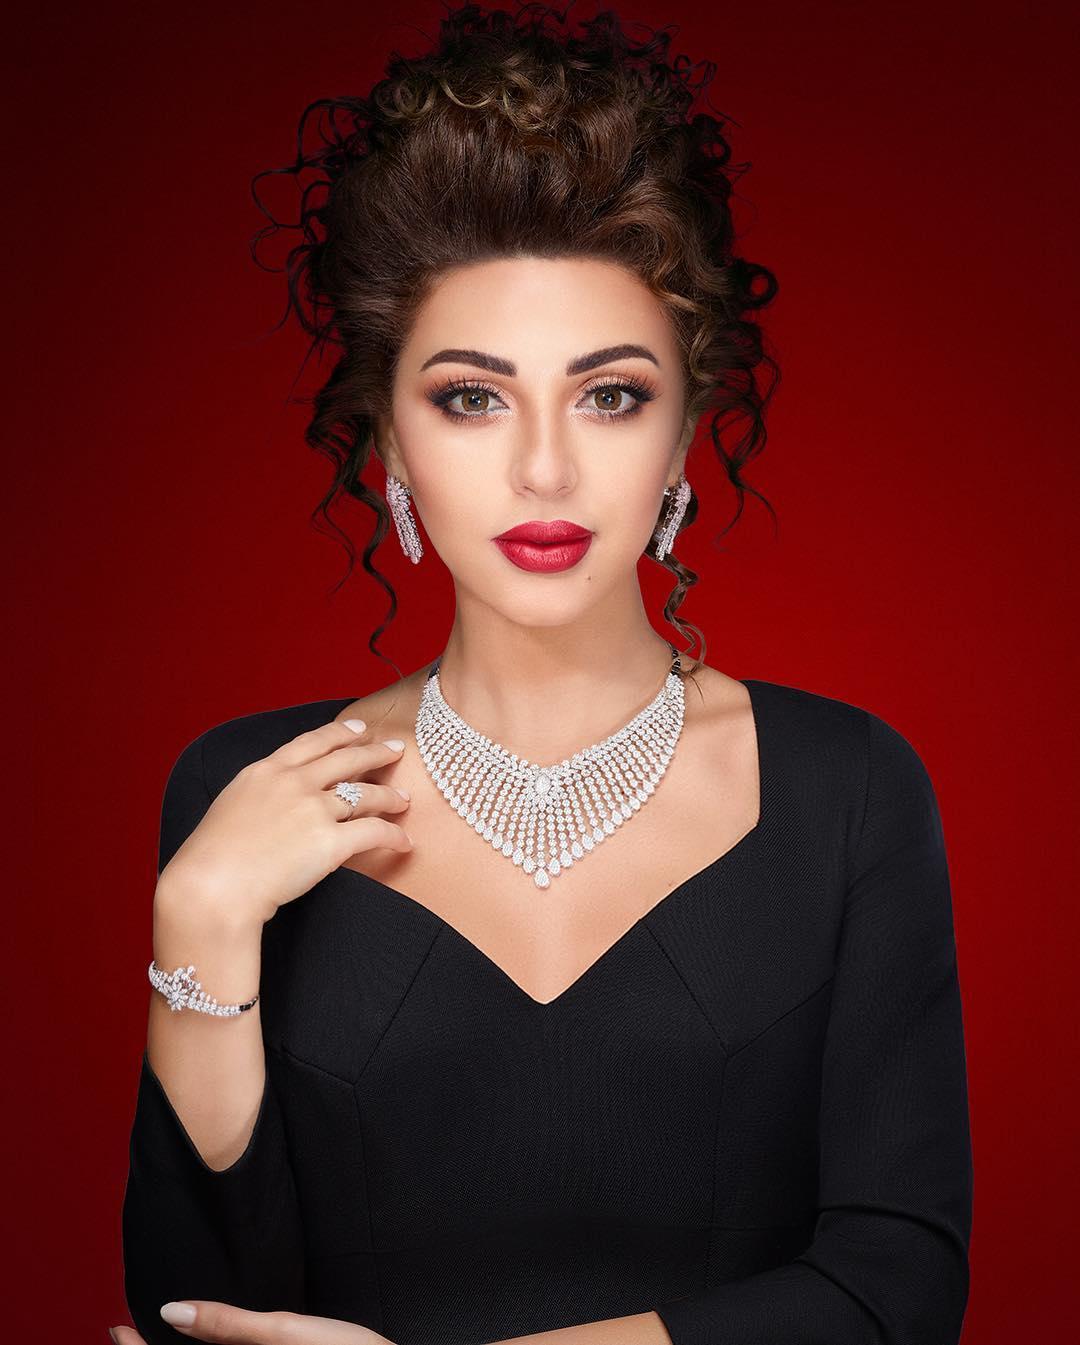 ميريام فارس بطقم مجوهرات فاخر بالذهب الأبيض